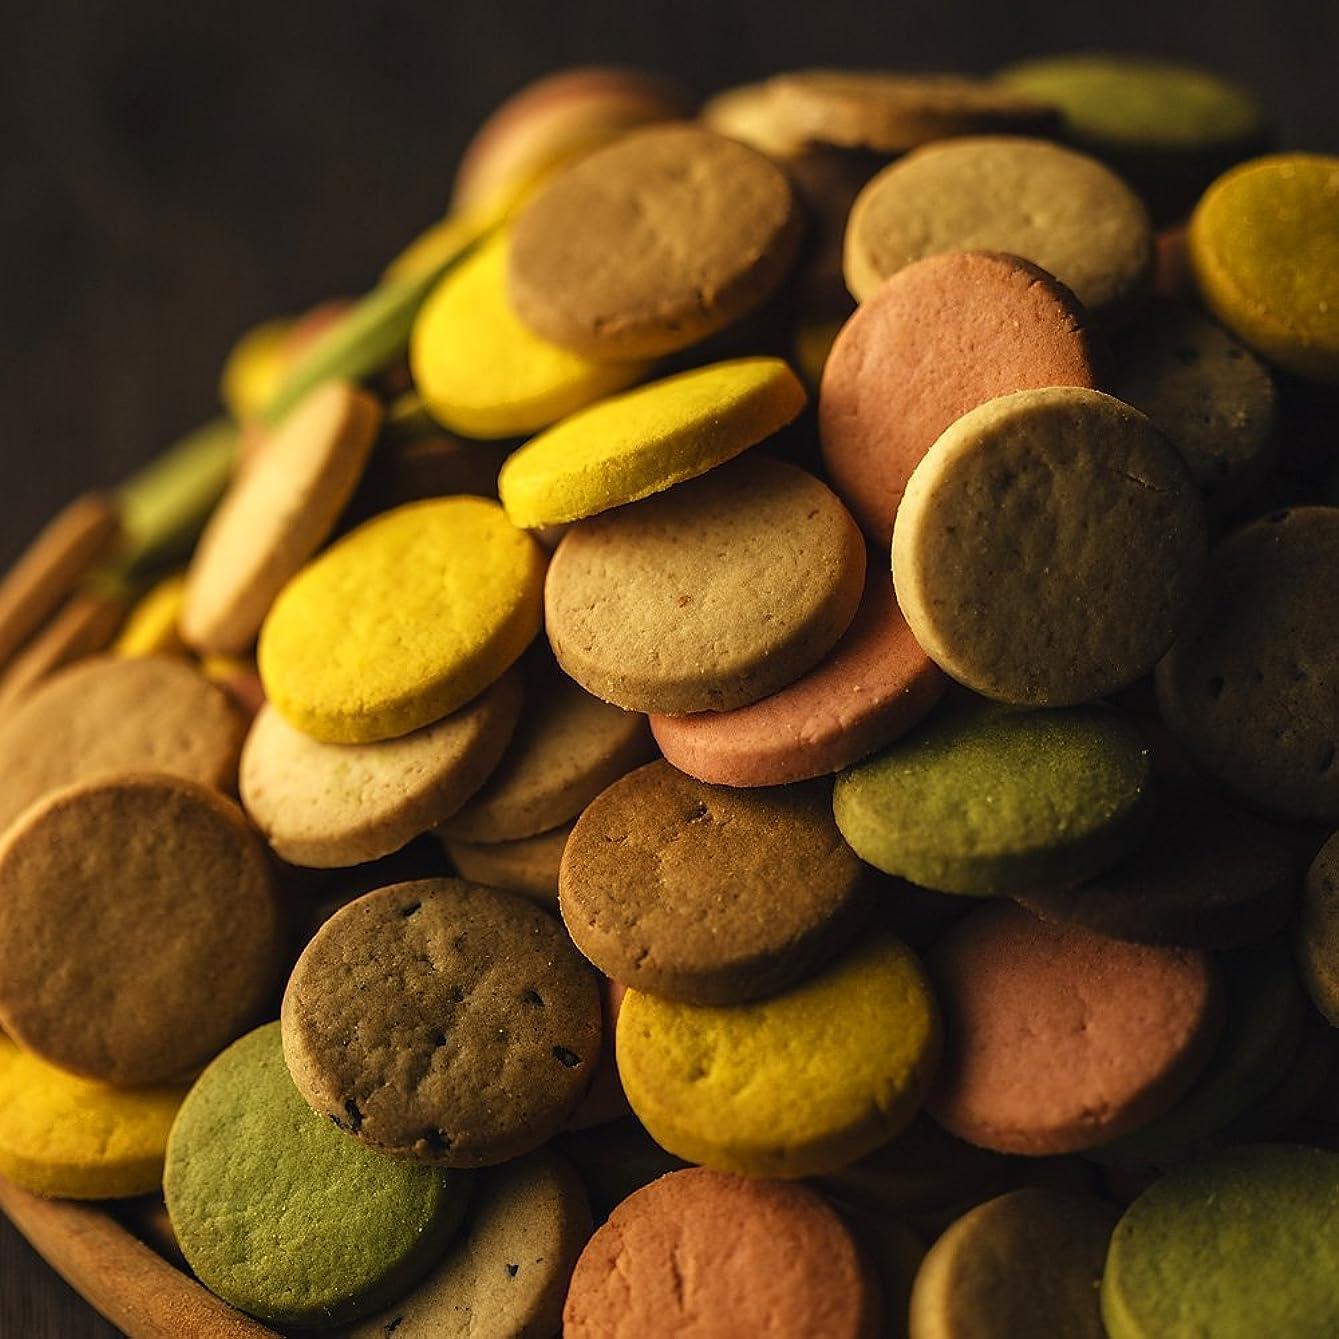 ステレオ困った契約する豆乳おからクッキー蒟蒻マンナン入り 3kg